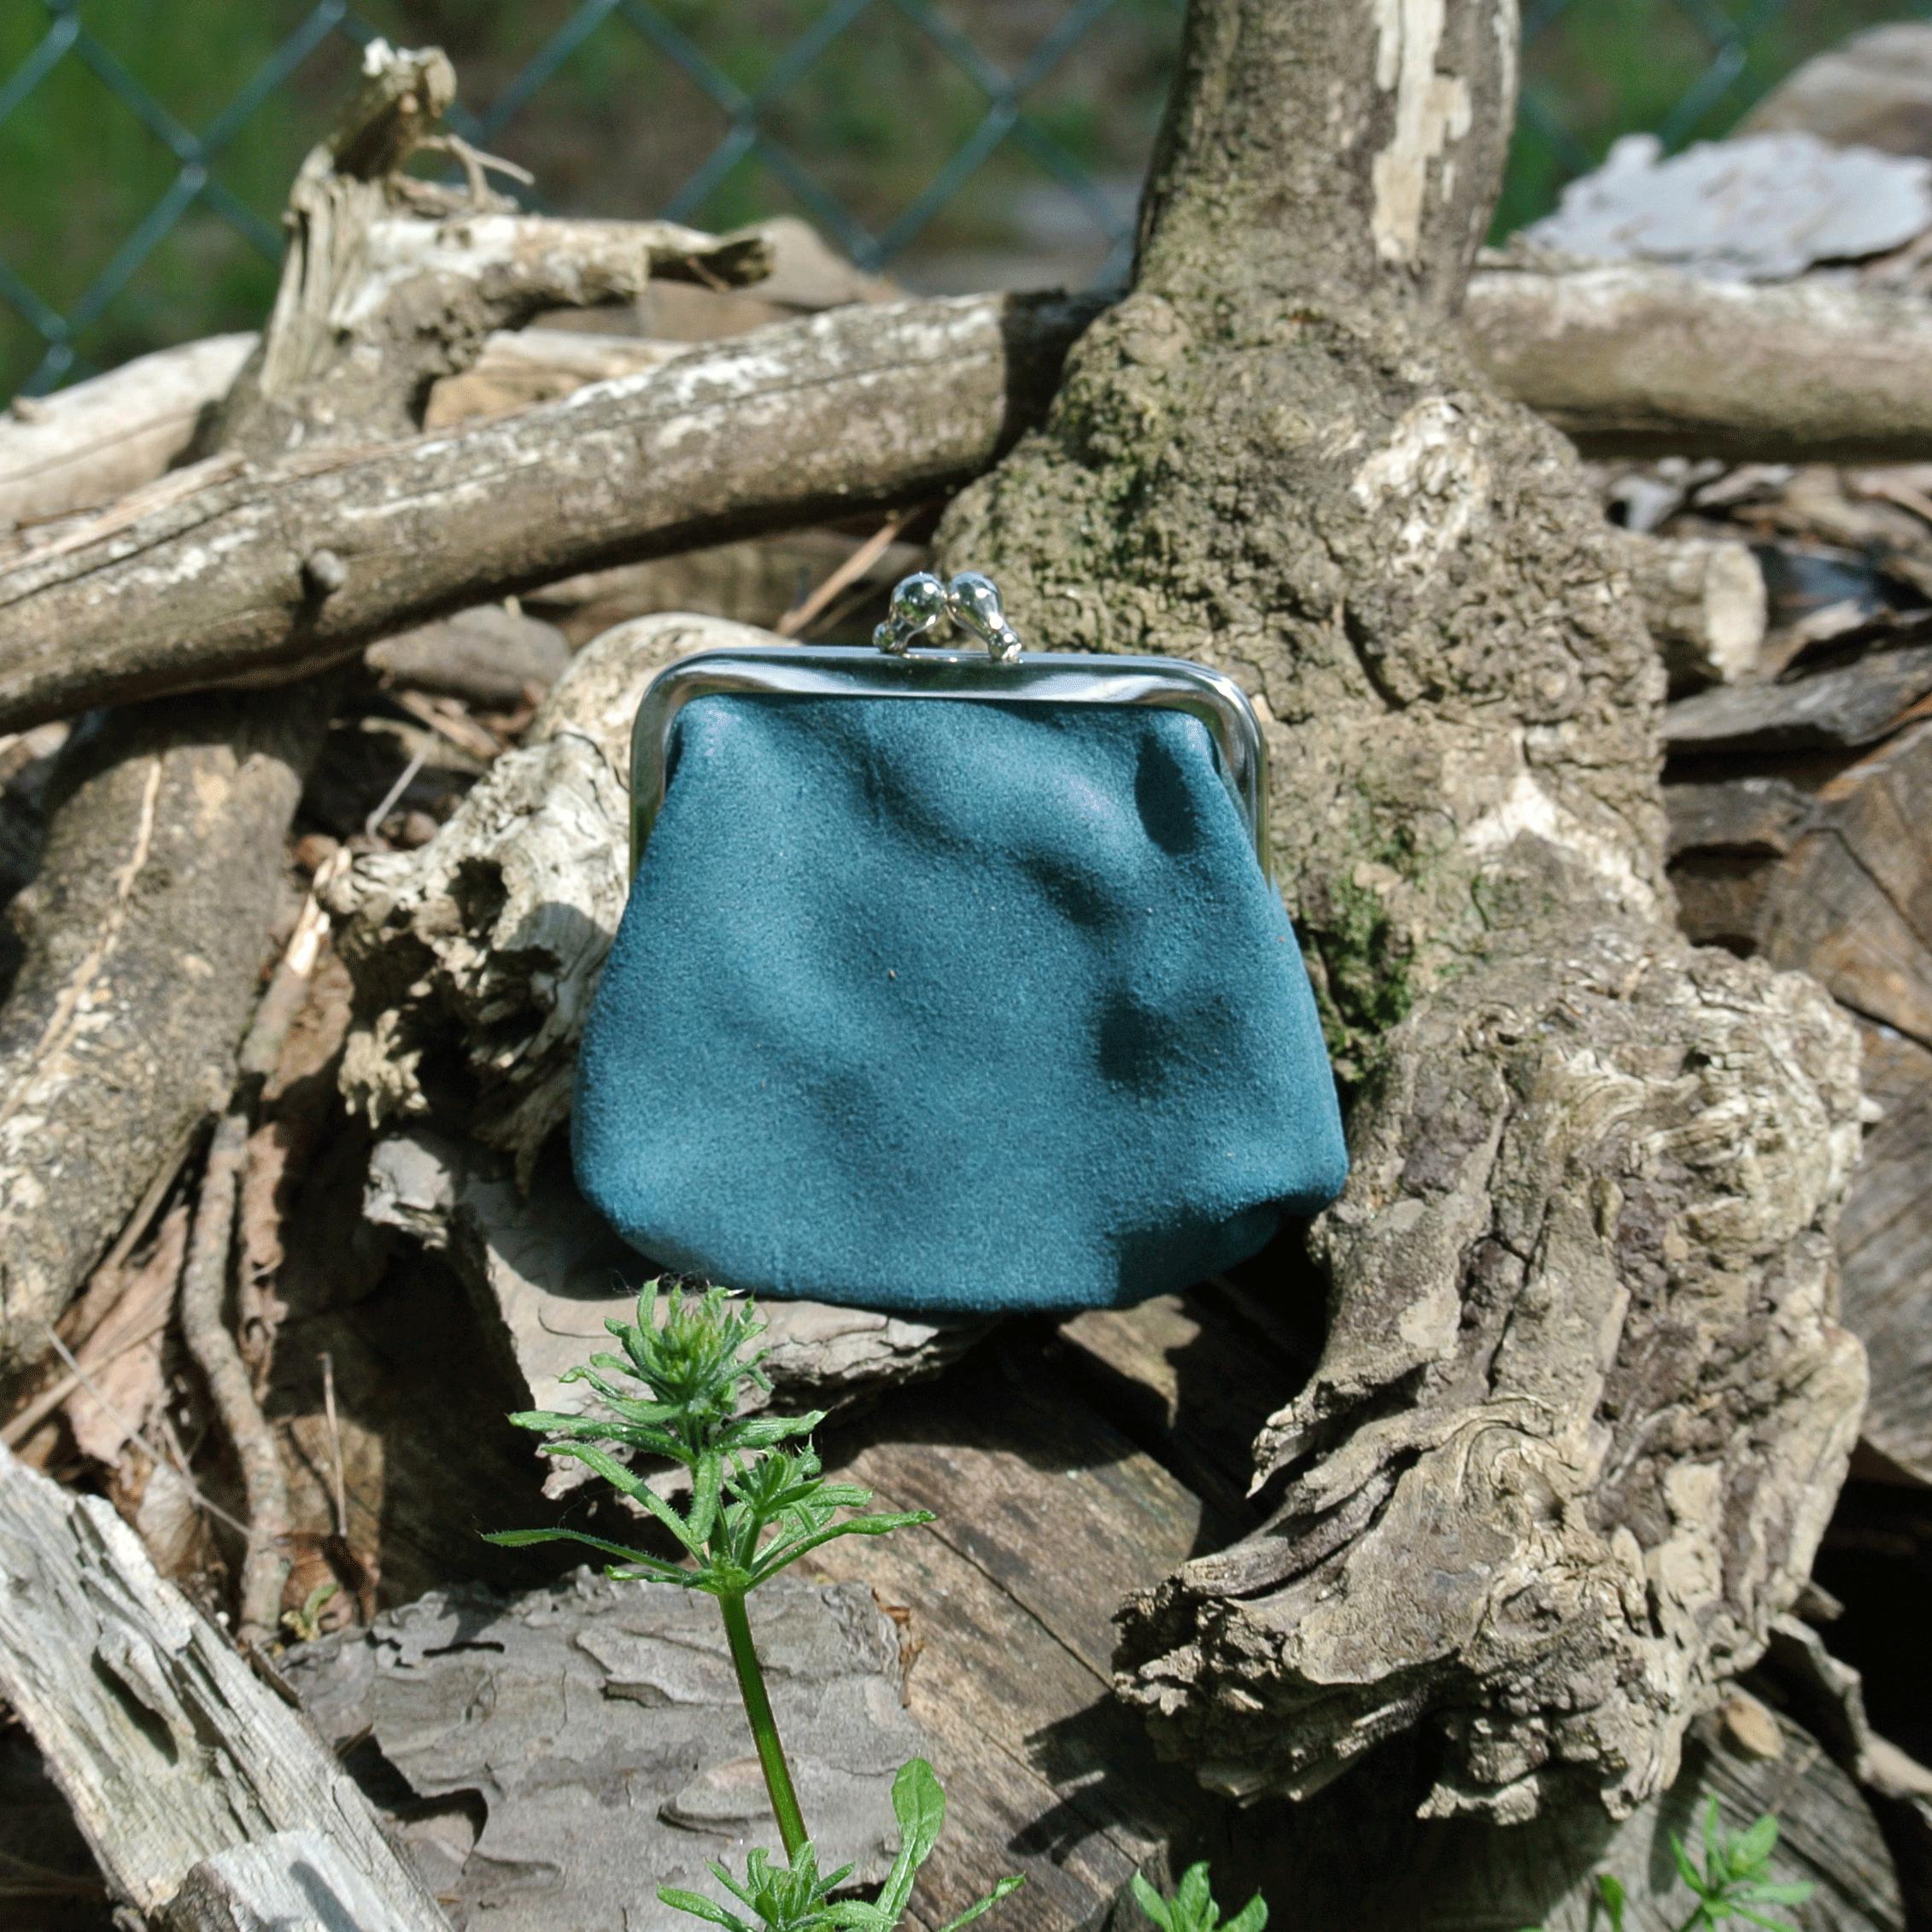 la-cartabliere-fabrique-en-france-made-in-france-porte-monnaie-reine-en-cuir-retro-bleu-paon